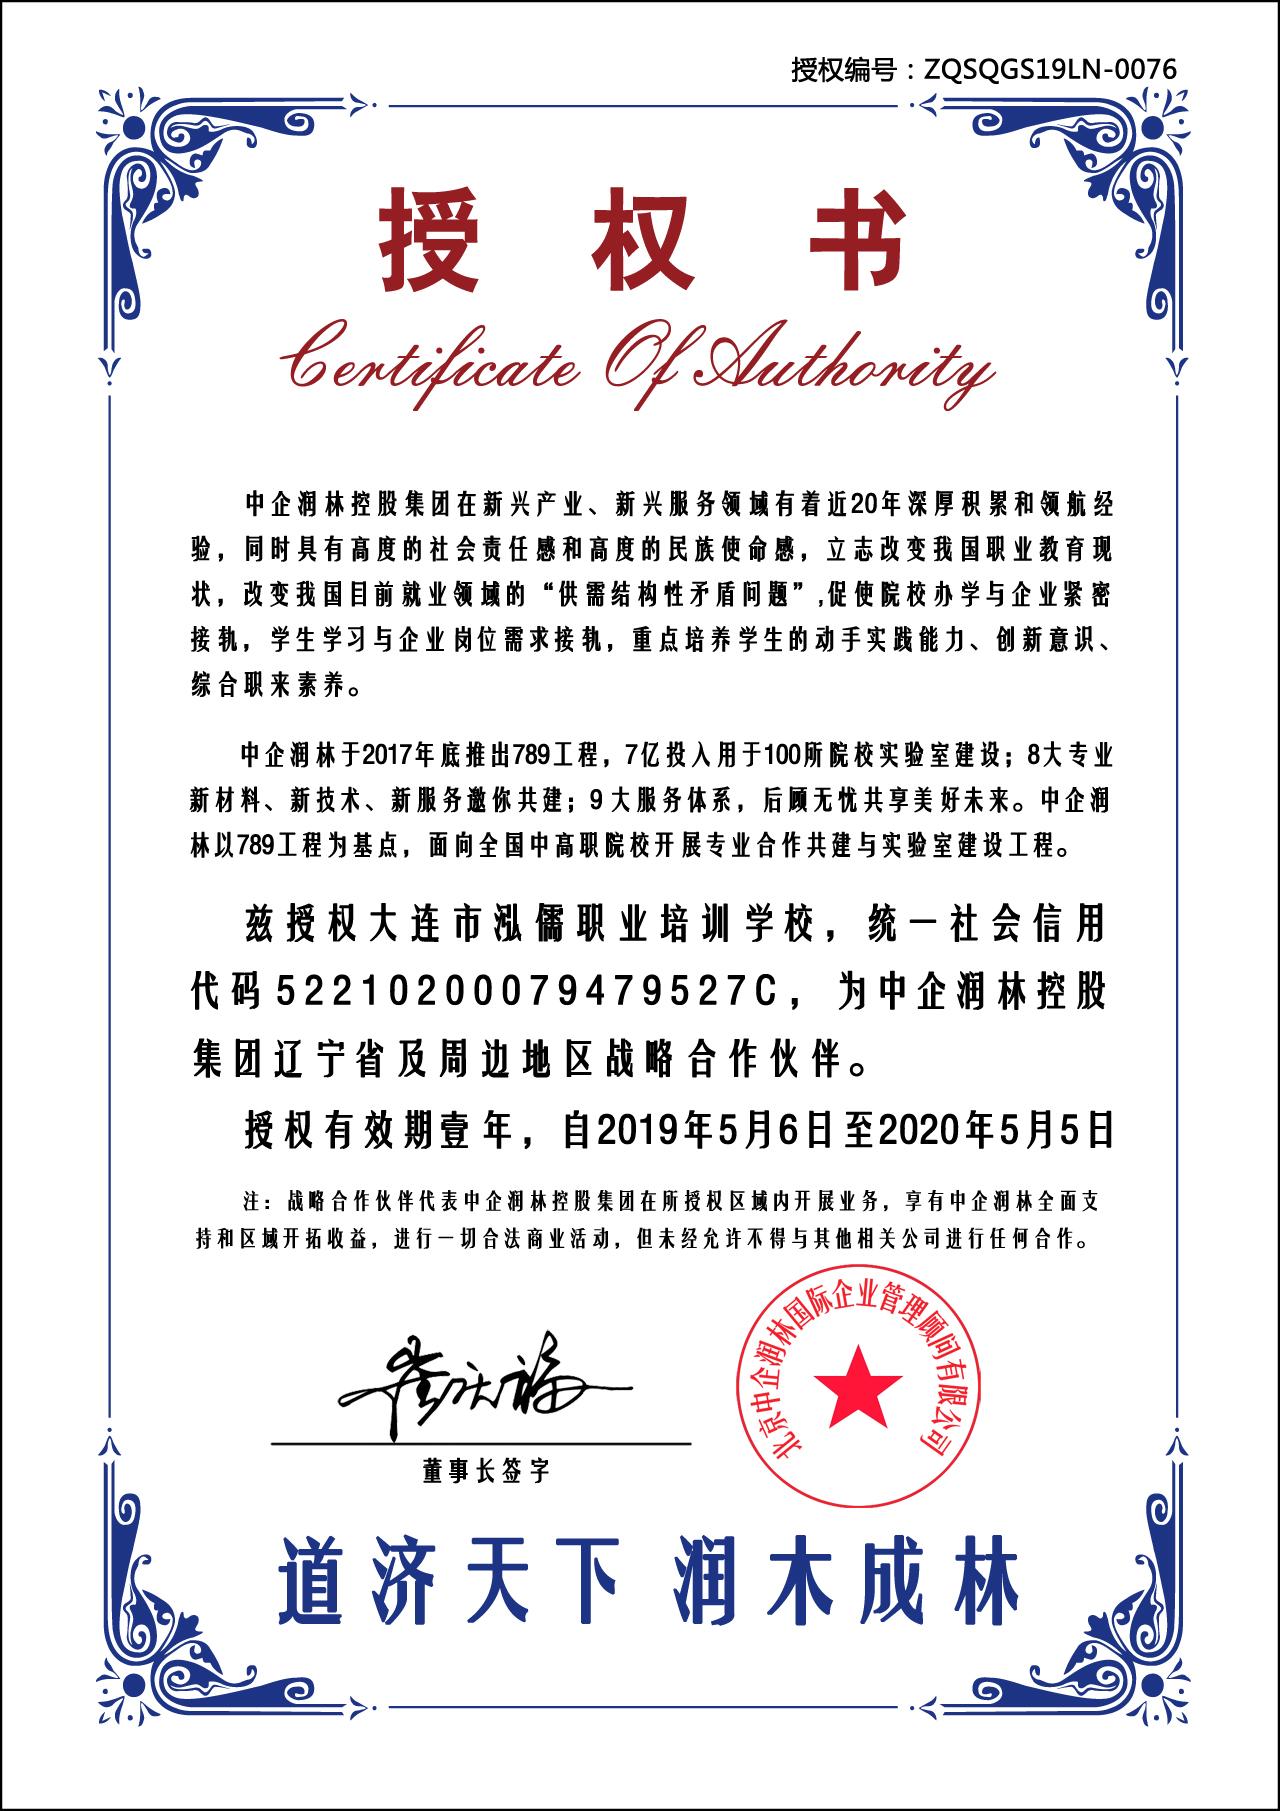 中企润林控股集团